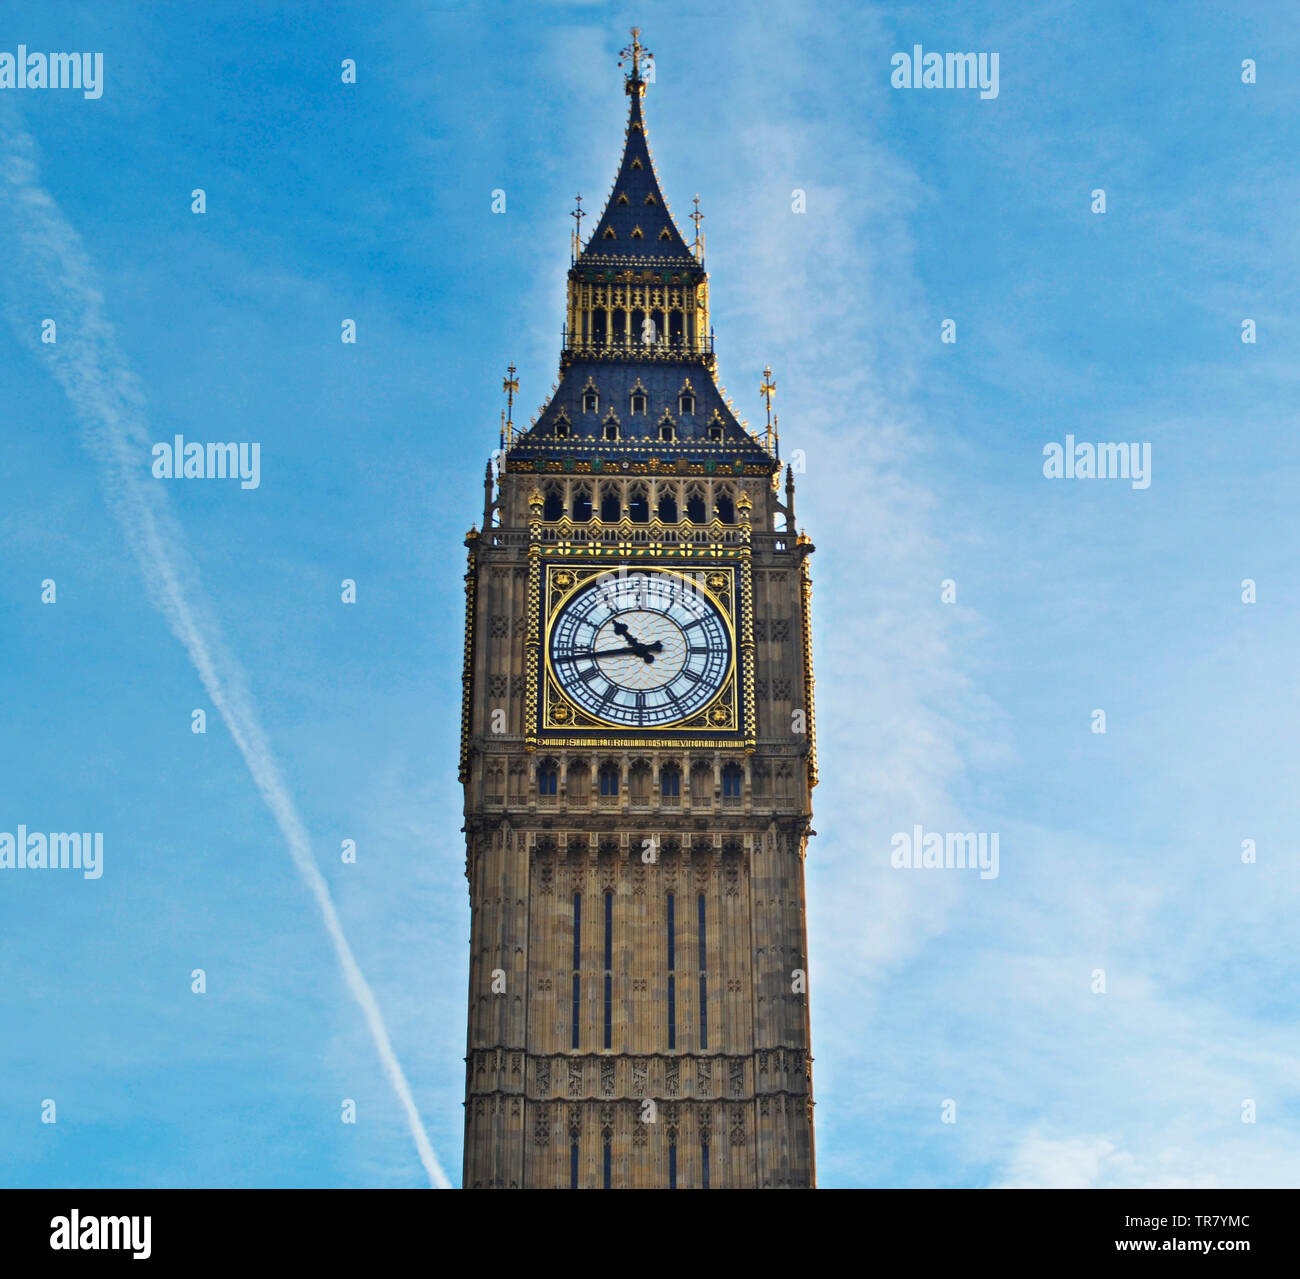 Der Name Big Ben bezieht sich auf das schwerste der fünf Glocken des berühmten uhrturms am Palace of Westminster in London von 13,5 t. Stockbild